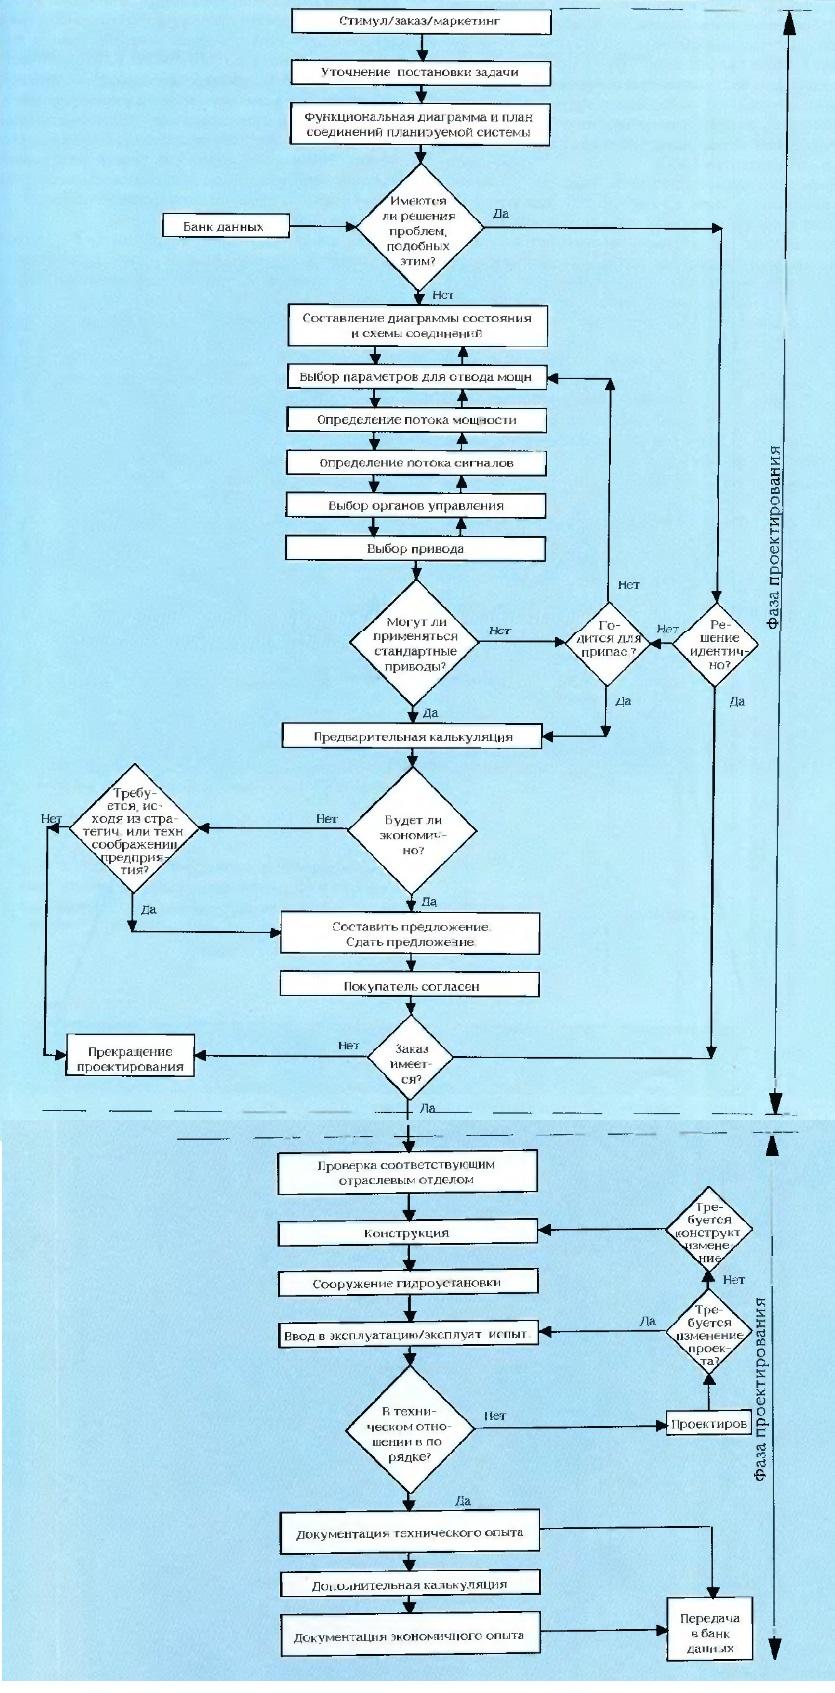 Оперативный план последовательности проектирования и исполнения заказа гидравлических установок